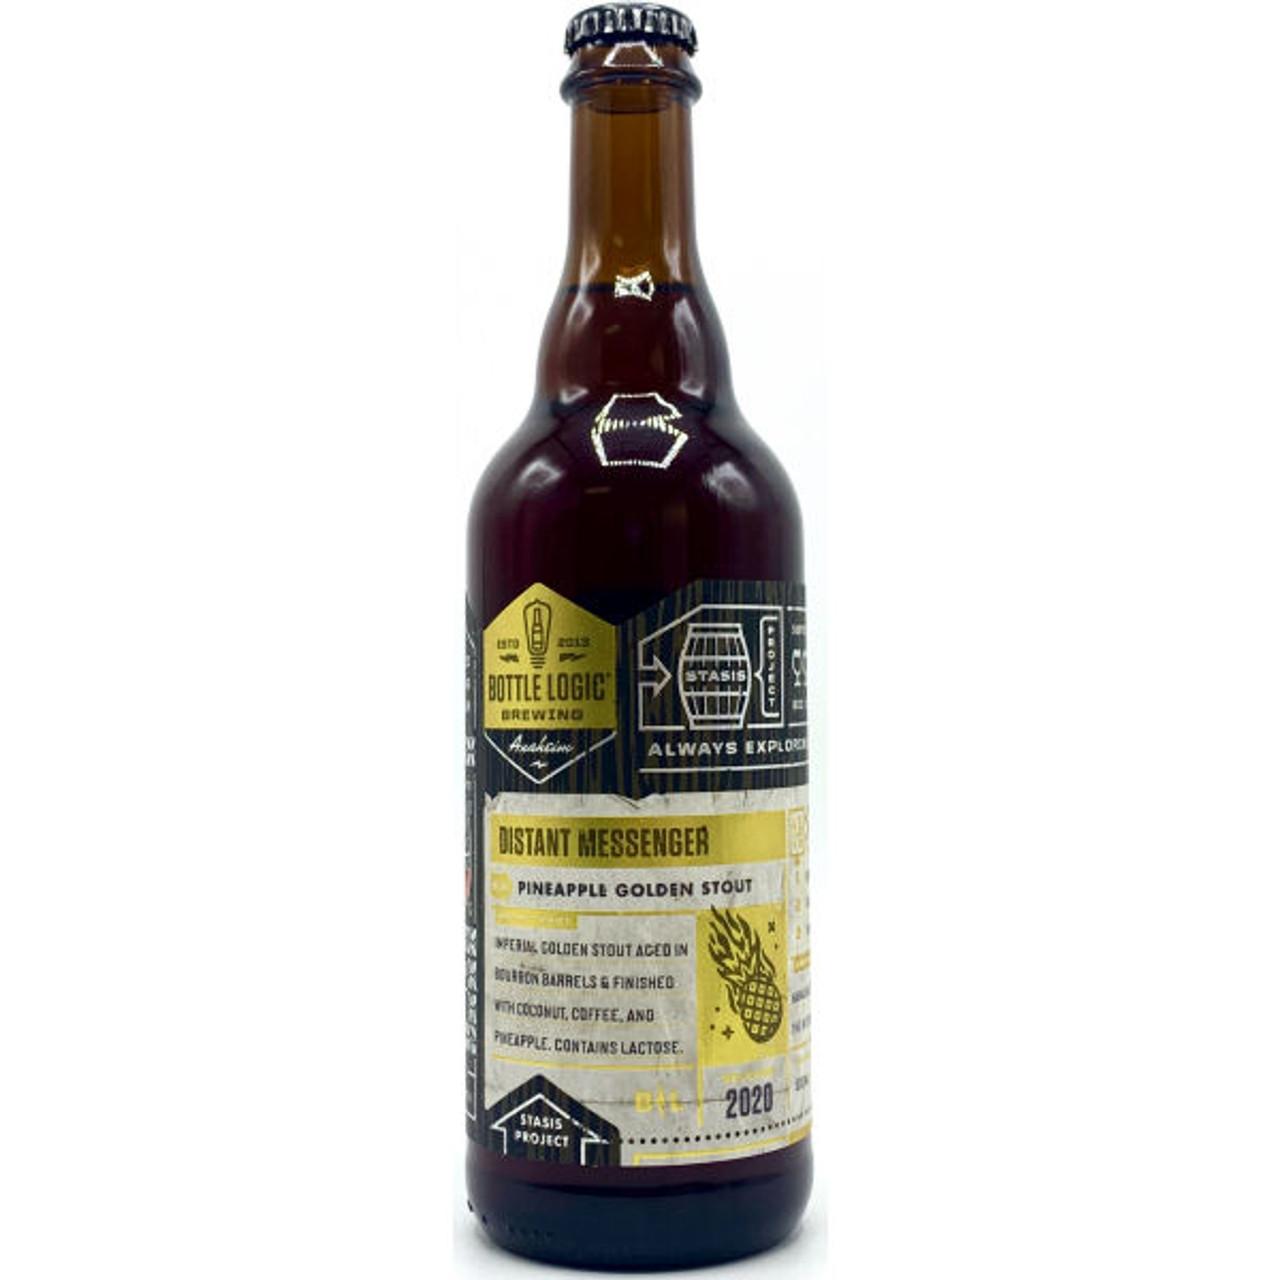 Bottle Logic Distant Messenger Pineapple Golden Stout 2020 500ml